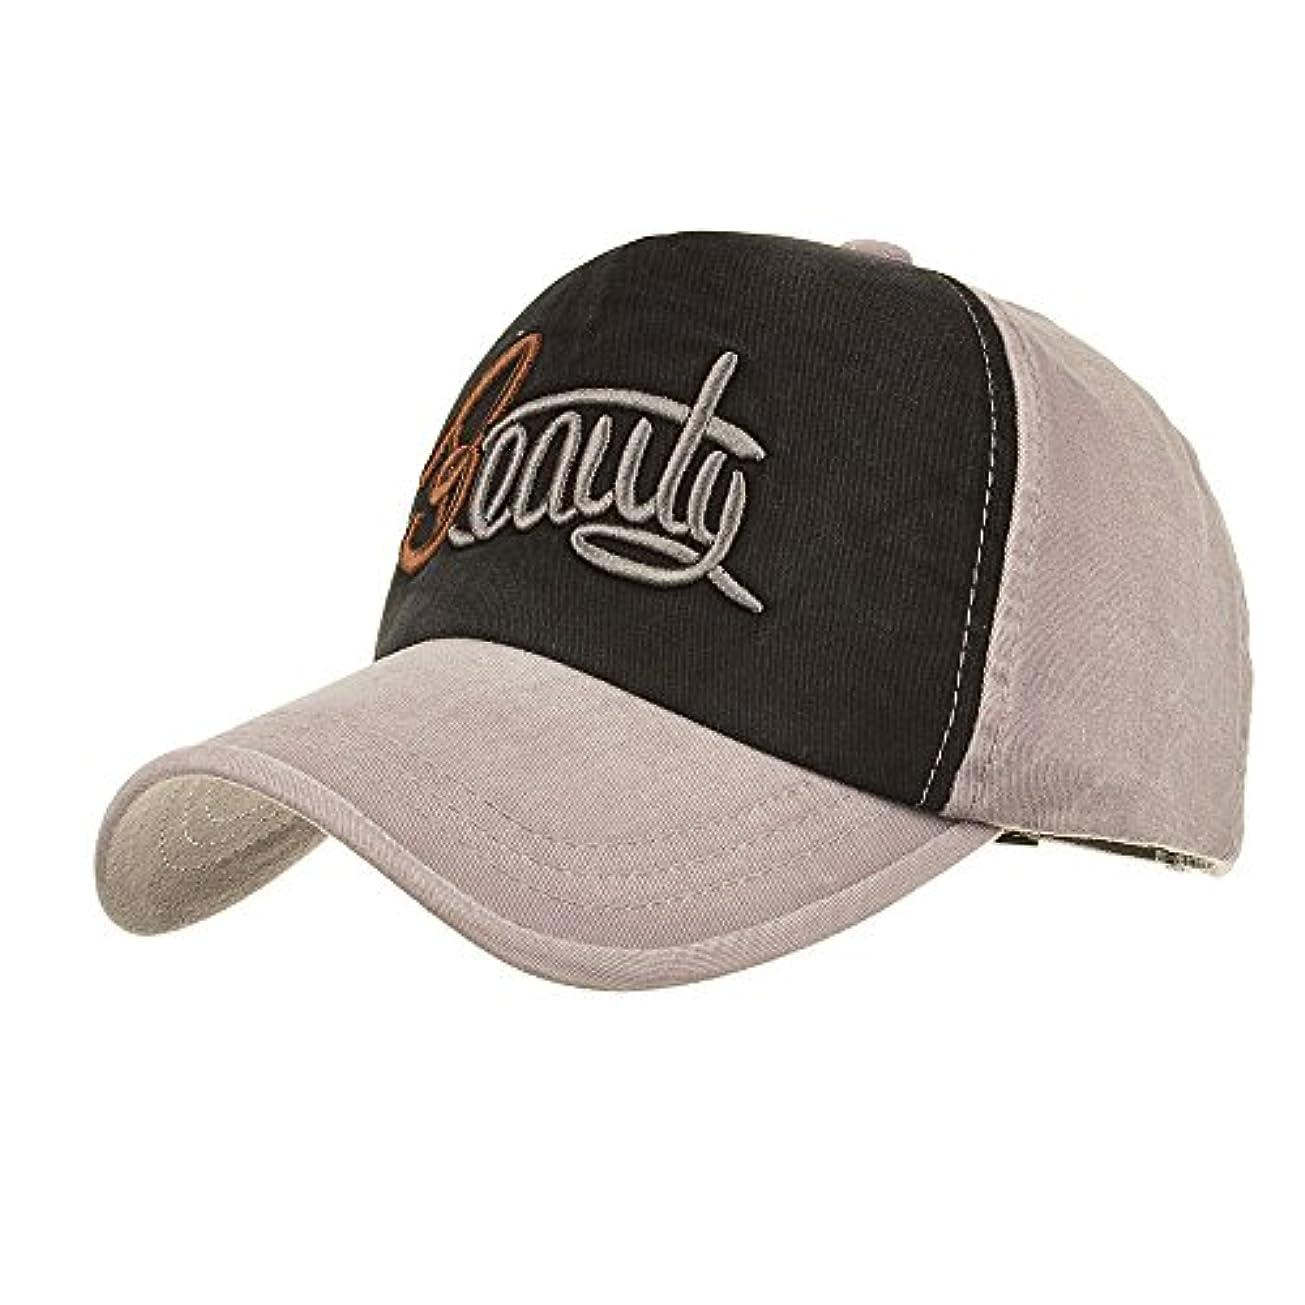 ほとんどない統合骨Racazing Cap パッチワーク刺繍 ヒップホップ 野球帽 通気性のある 帽子 夏 登山 可調整可能 棒球帽 UV 帽子 軽量 屋外 Unisex Hat (グレー)